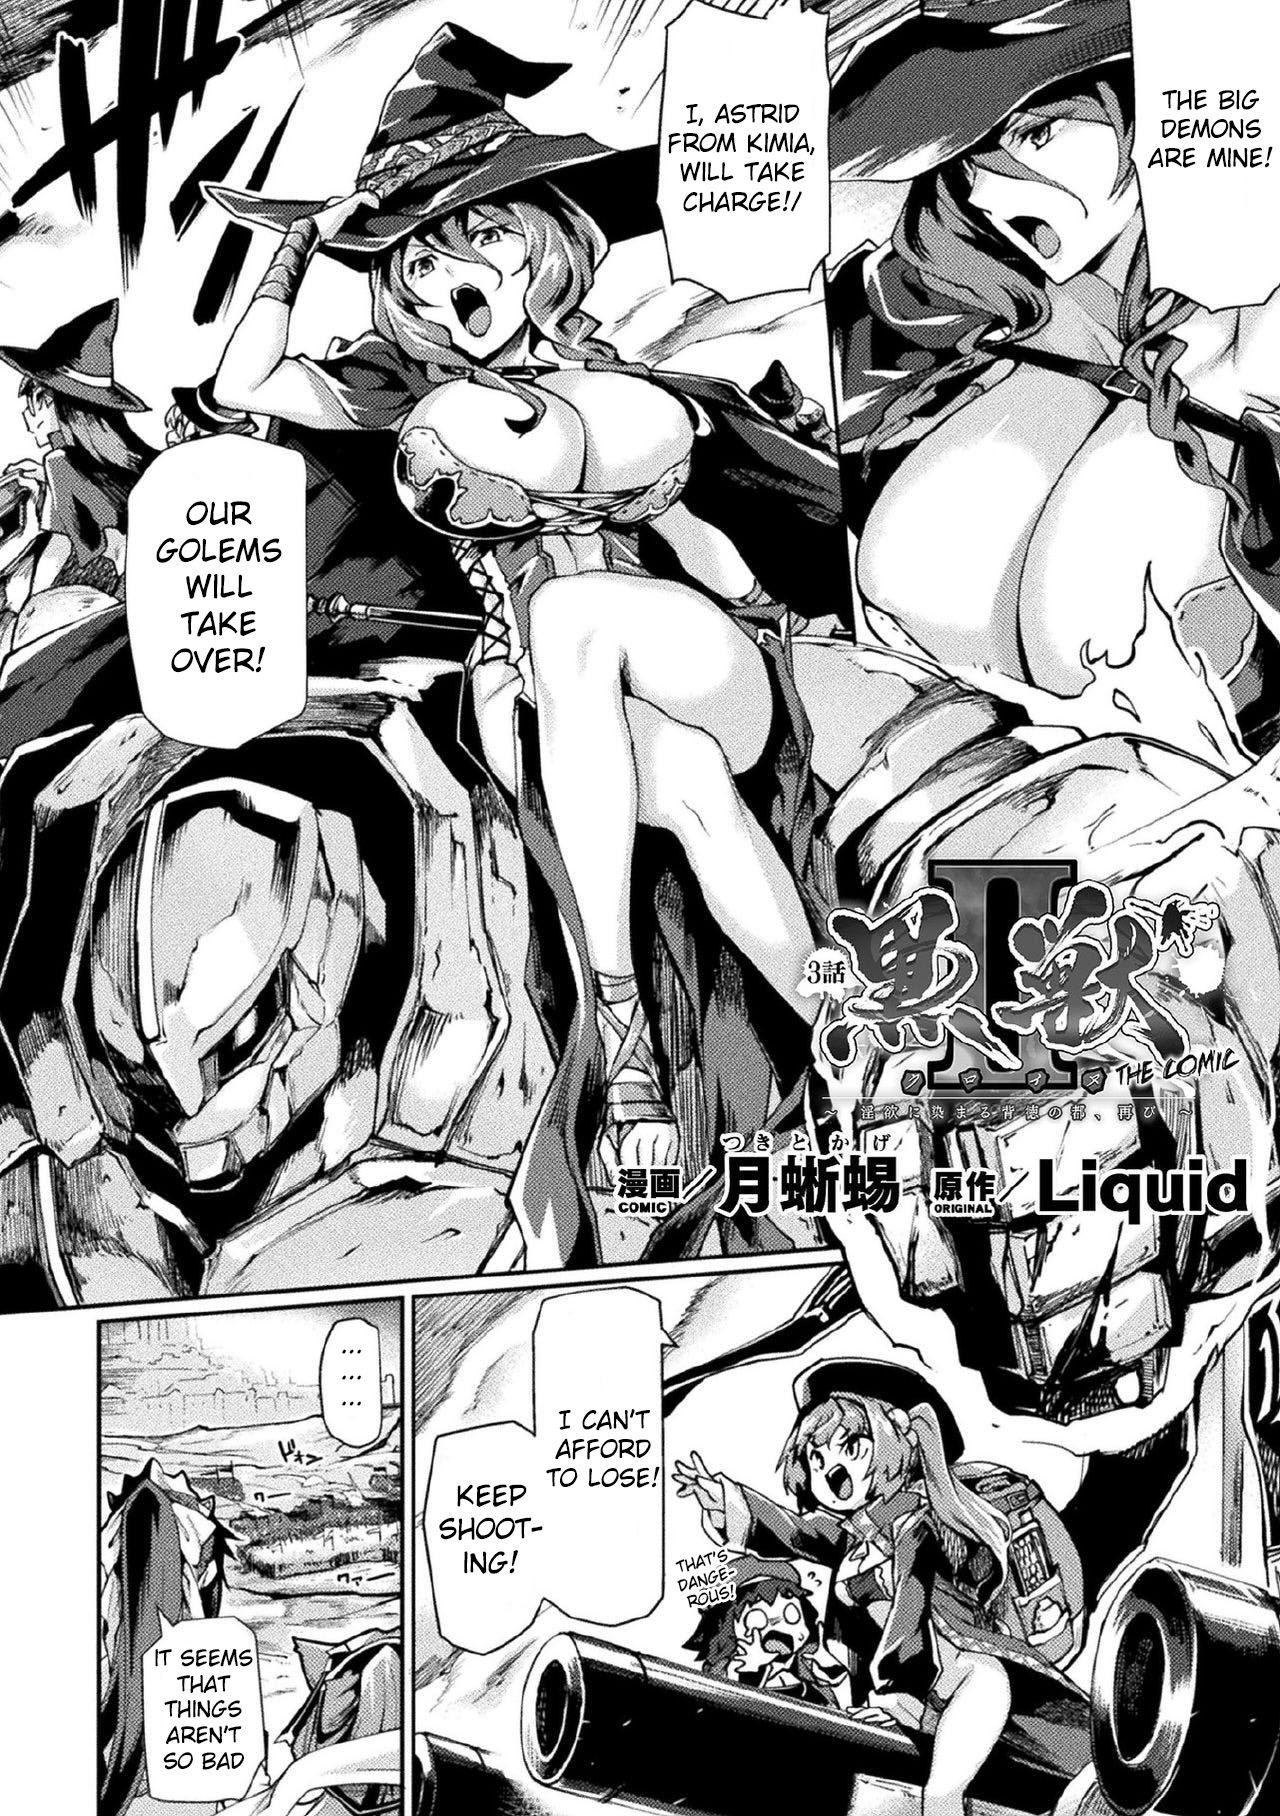 [Tsukitokage] Kuroinu II ~Inyoku ni Somaru Haitoku no Miyako, Futatabi~ THE COMIC Ch. 3 (Kukkoro Heroines Vol. 1) [English] [Raknnkarscans] [Digital] 1